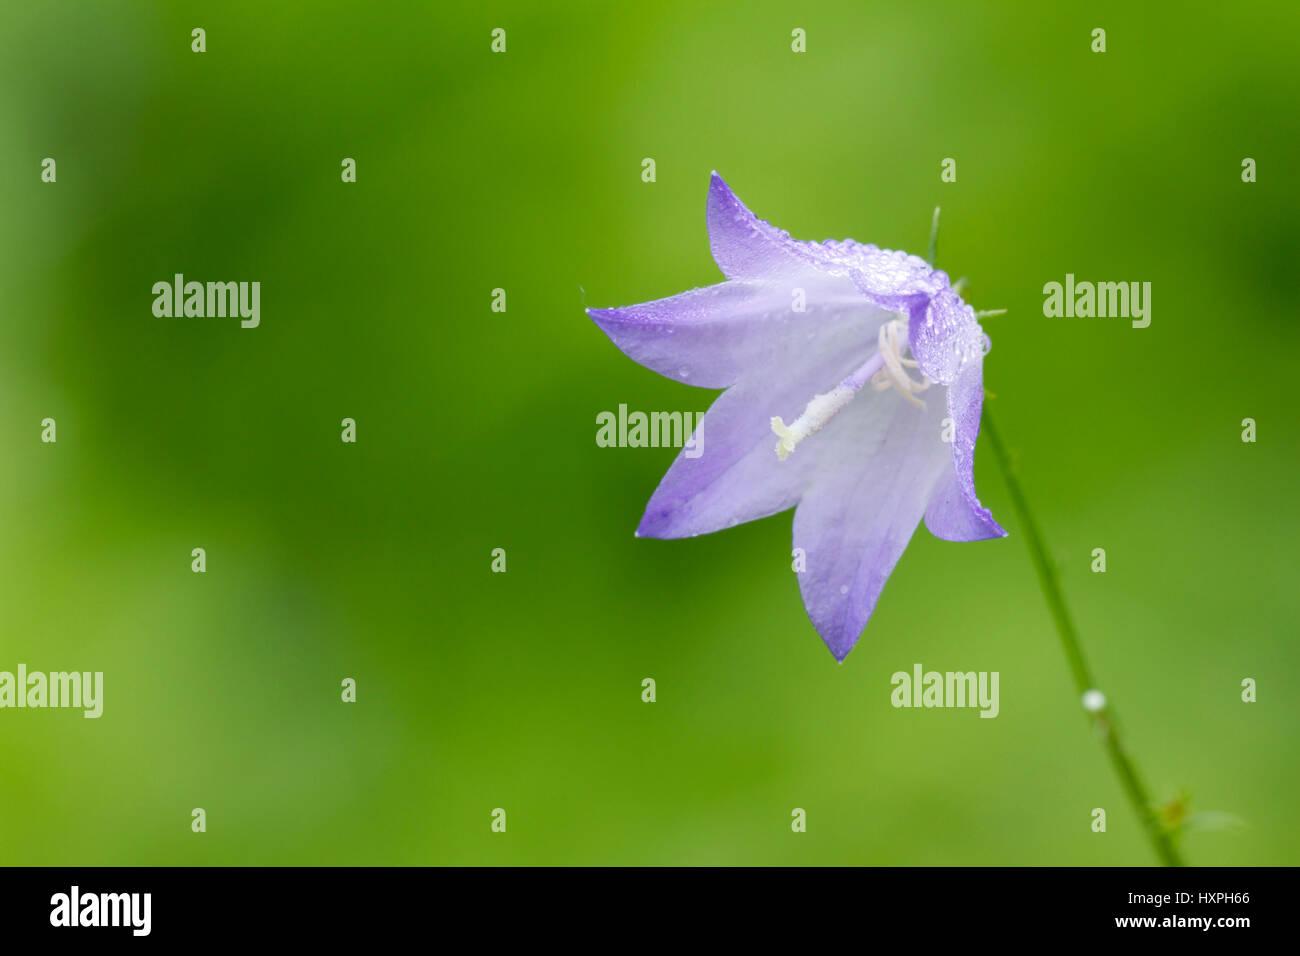 Bellflower, Glockenblume - Stock Image